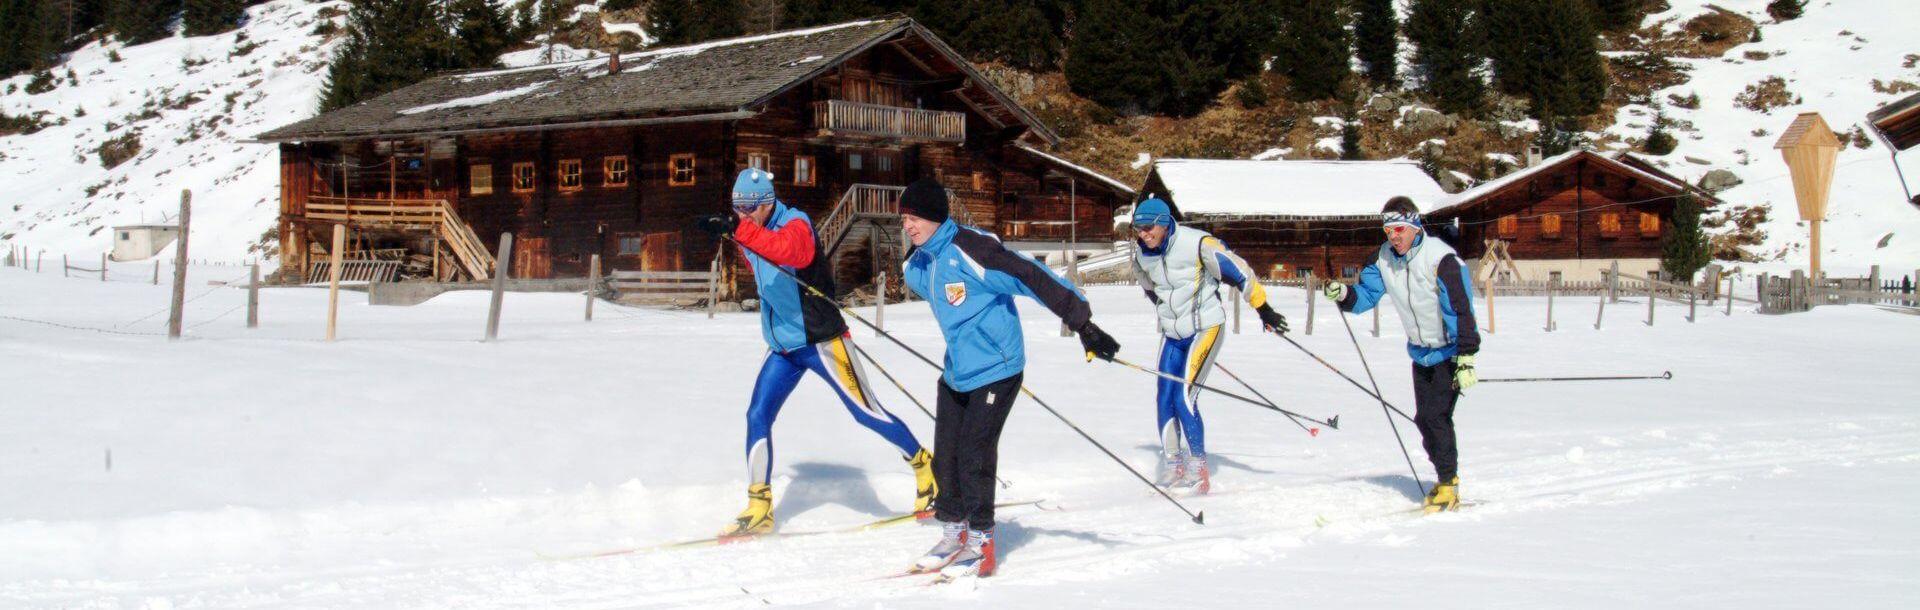 Langlaufen in Osttirol - Genusserlebnis auf der Loipe - © Osttirolwerbung